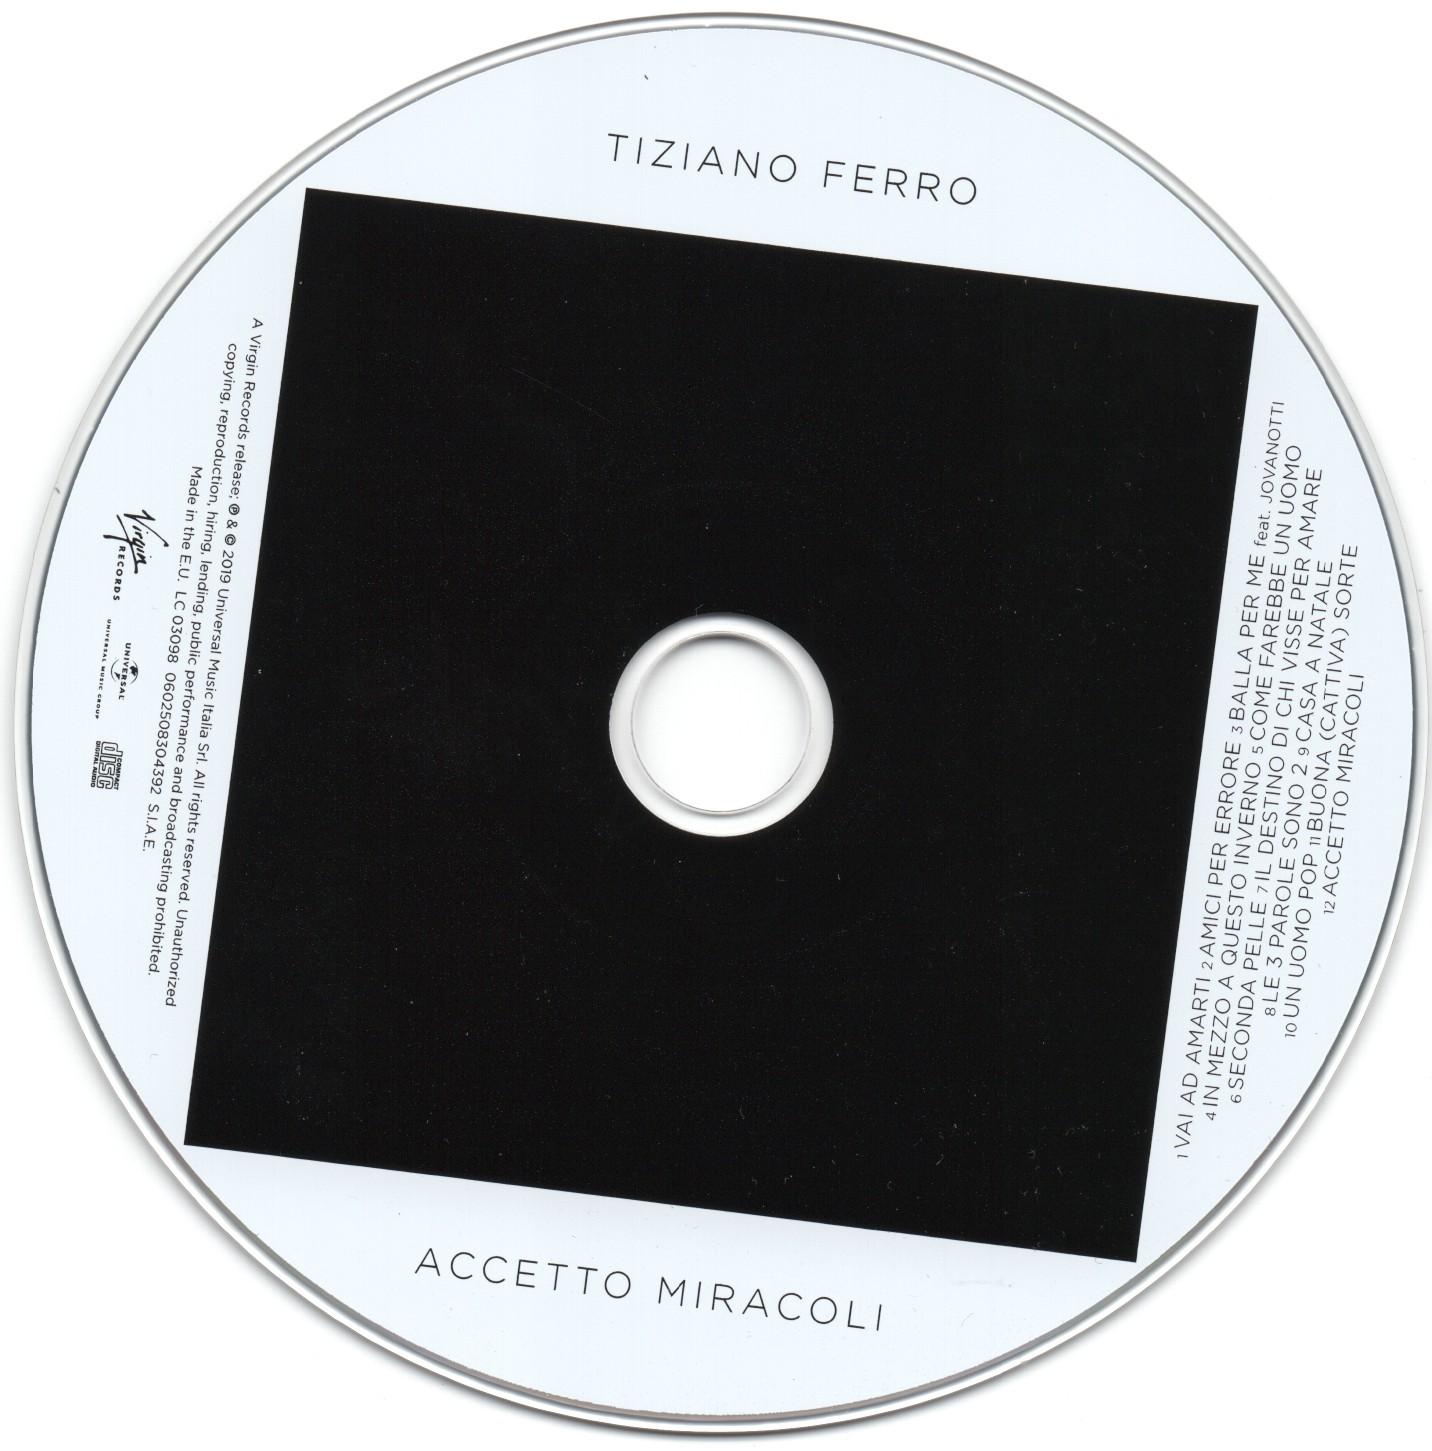 SCARICA COPERTINA CD TIZIANO FERRO